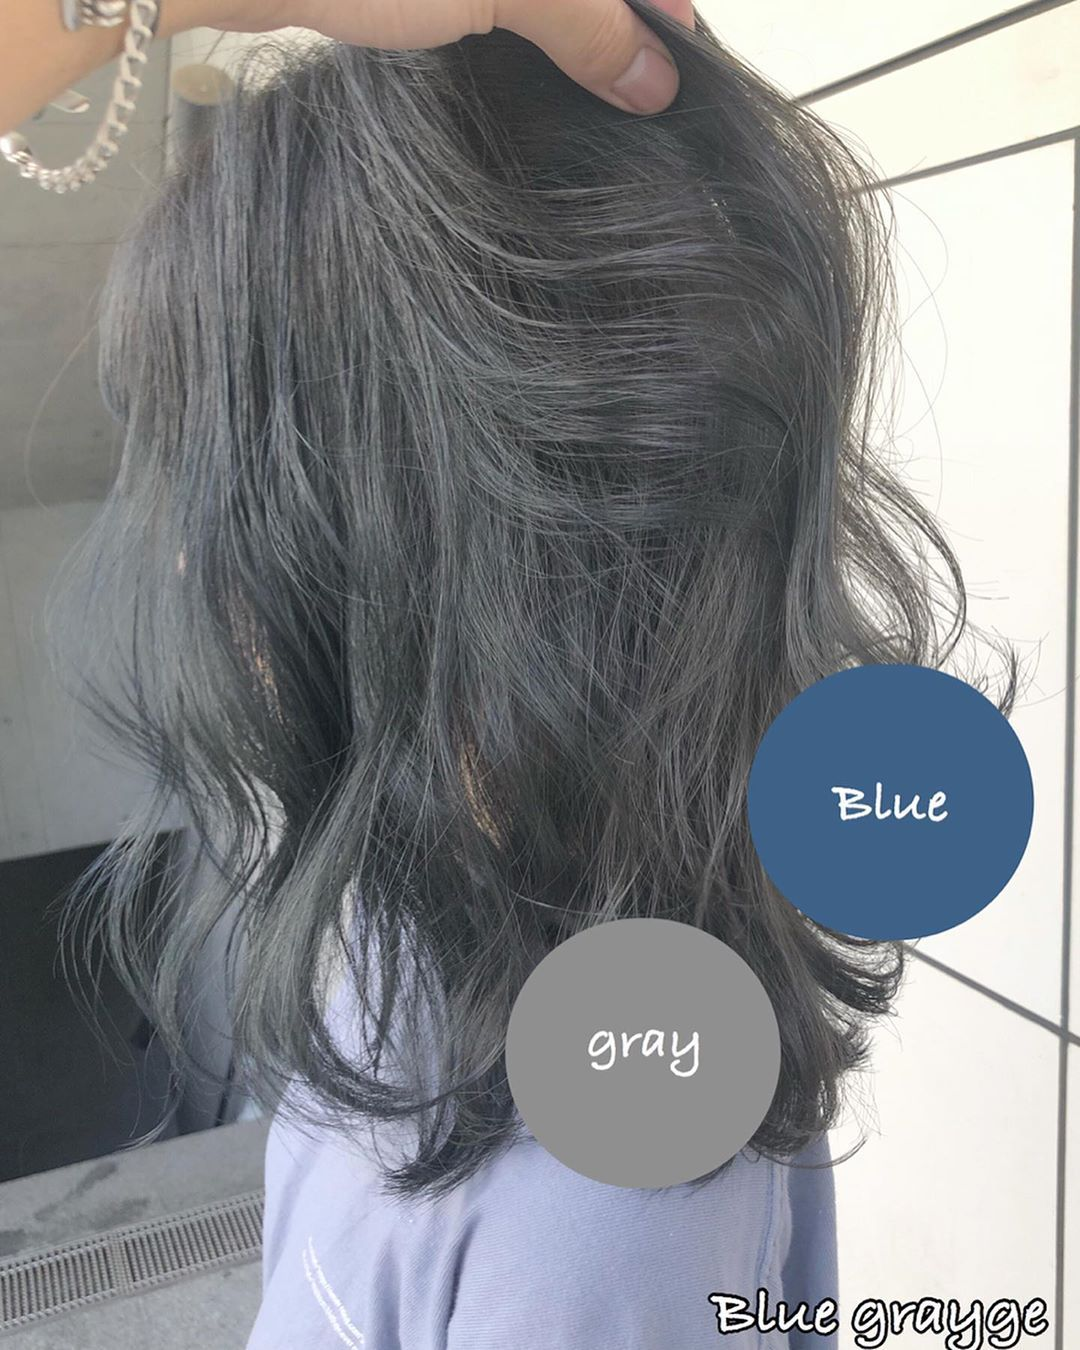 スガシュンスケ イルミナカラー ブリーチなし グレージュはinstagramを利用しています 明るくできない方 赤味を一ミリも出したくない方へ ブリーチなし ヘアカラー ヘアカラー 髪 カラーリング